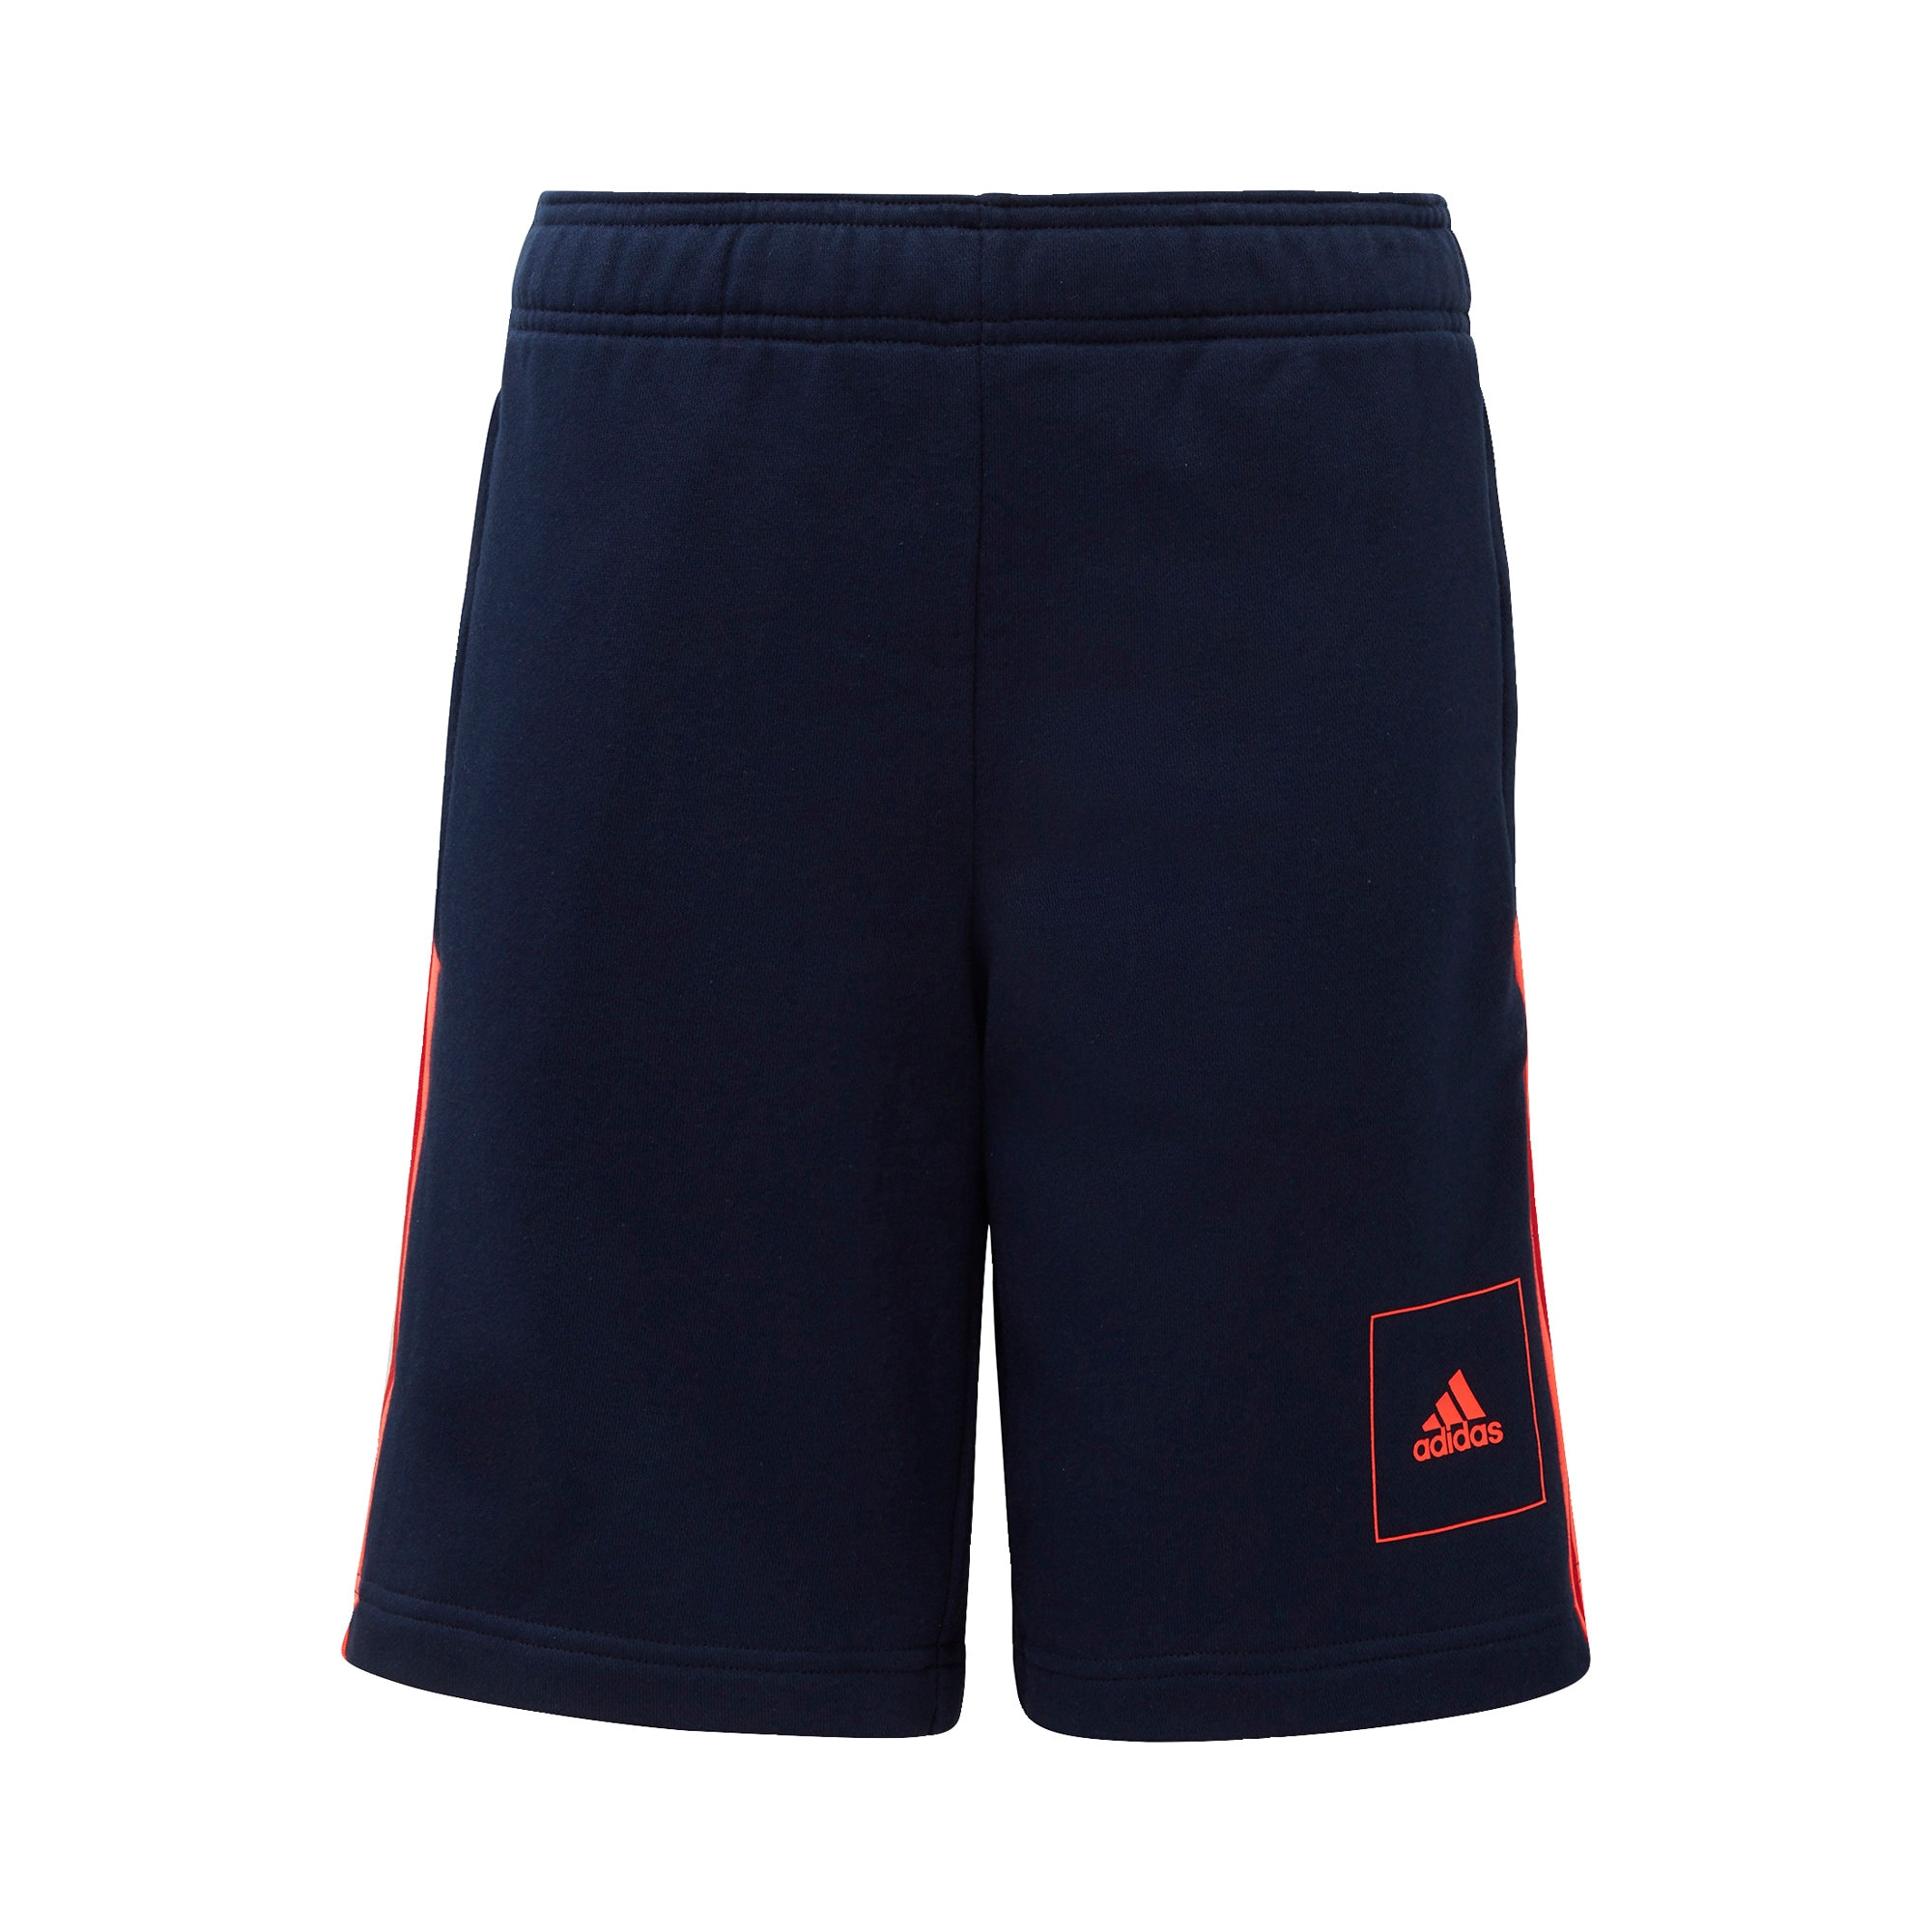 ADIDAS PERFORMANCE Sportinės kelnės neoninė oranžinė / tamsiai mėlyna